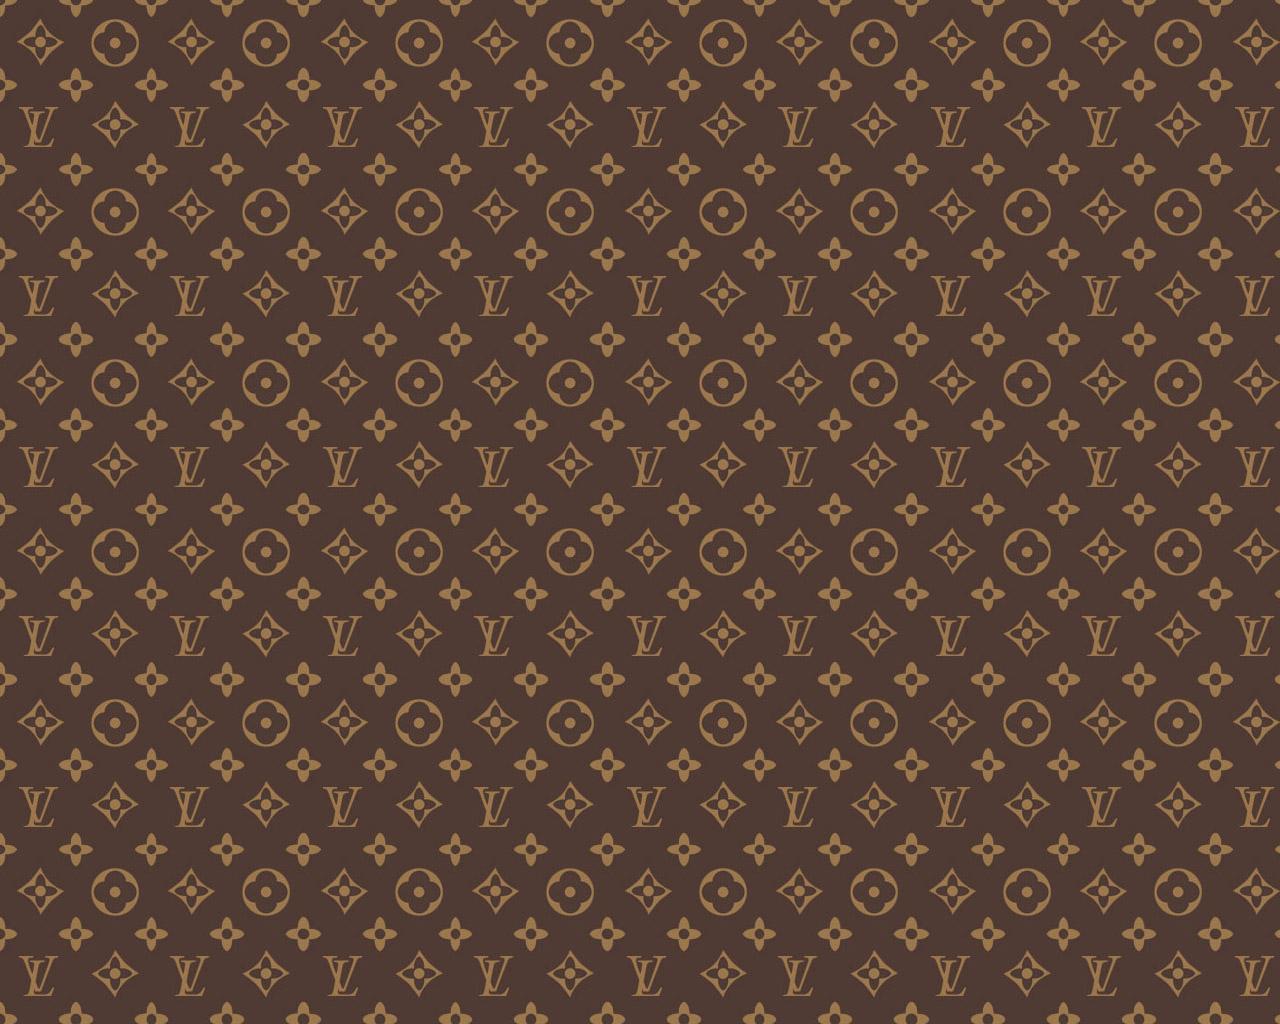 wallpaper non nude wallpaper Louis Vuitton Wallpaper To the LV 1280x1024